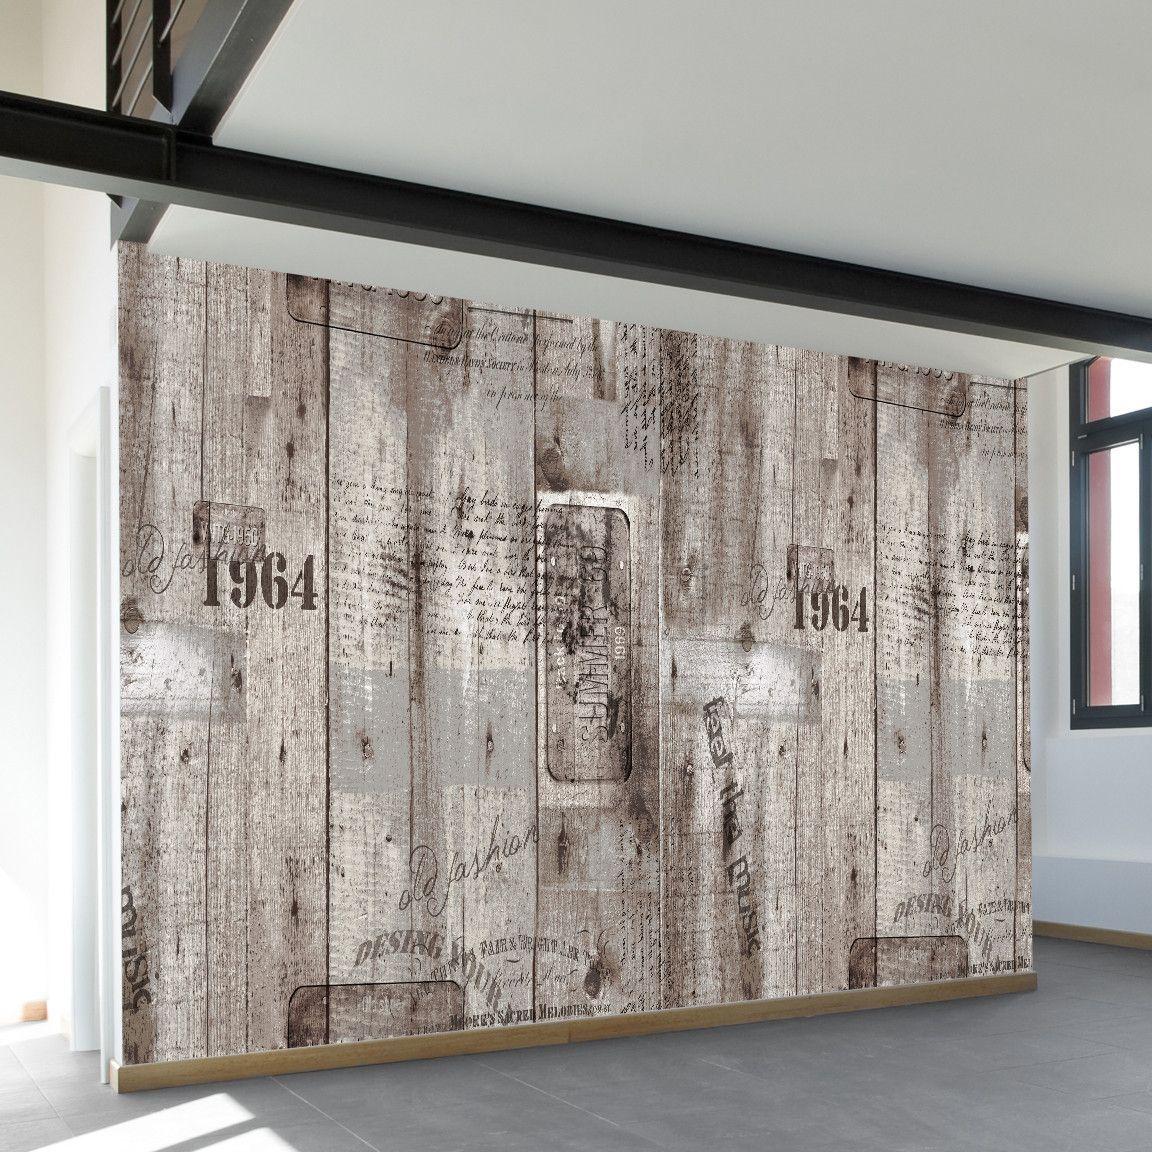 Aged Wood Printing | Wall Mural | WallsNeedLove